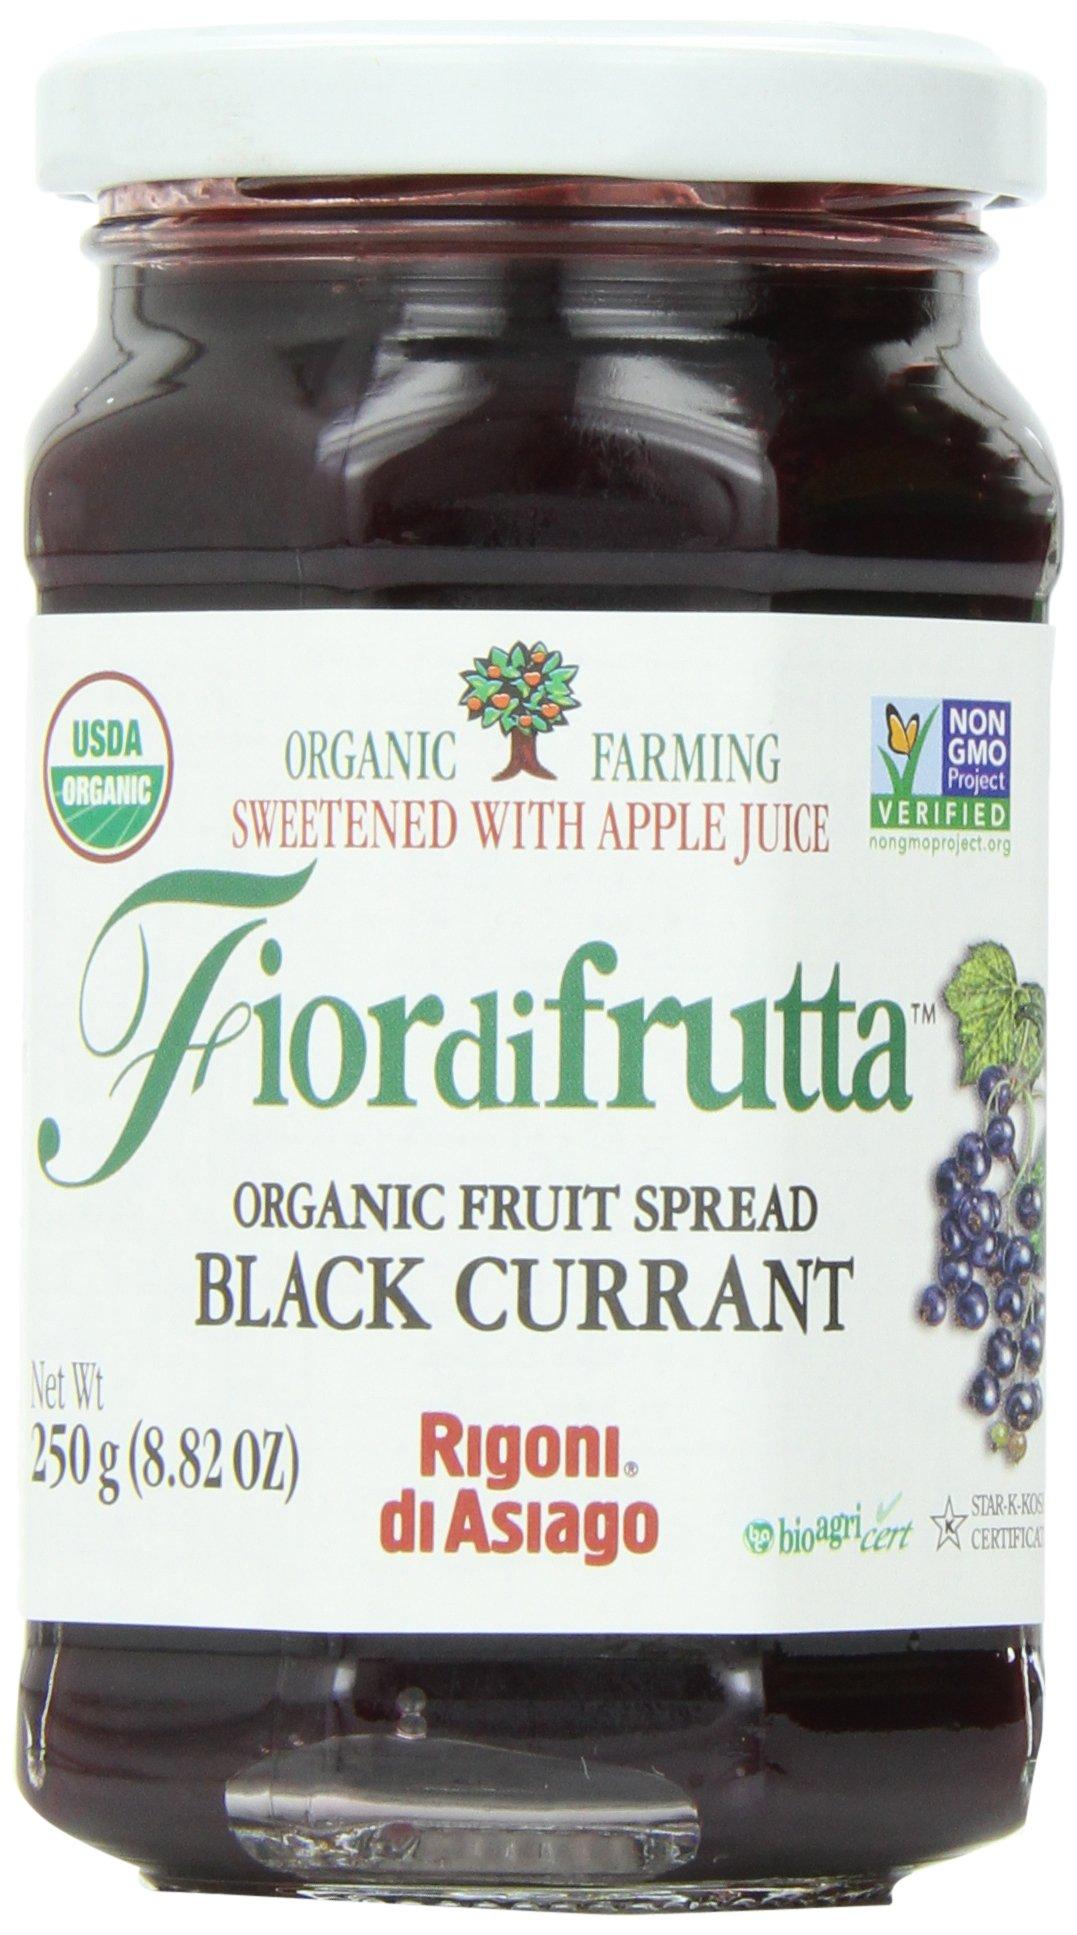 Rigoni Di Asiago Fiordifrutta Organic Fruit Spread, Black Currant, 8.82 Ounce by Rigoni di Asiago